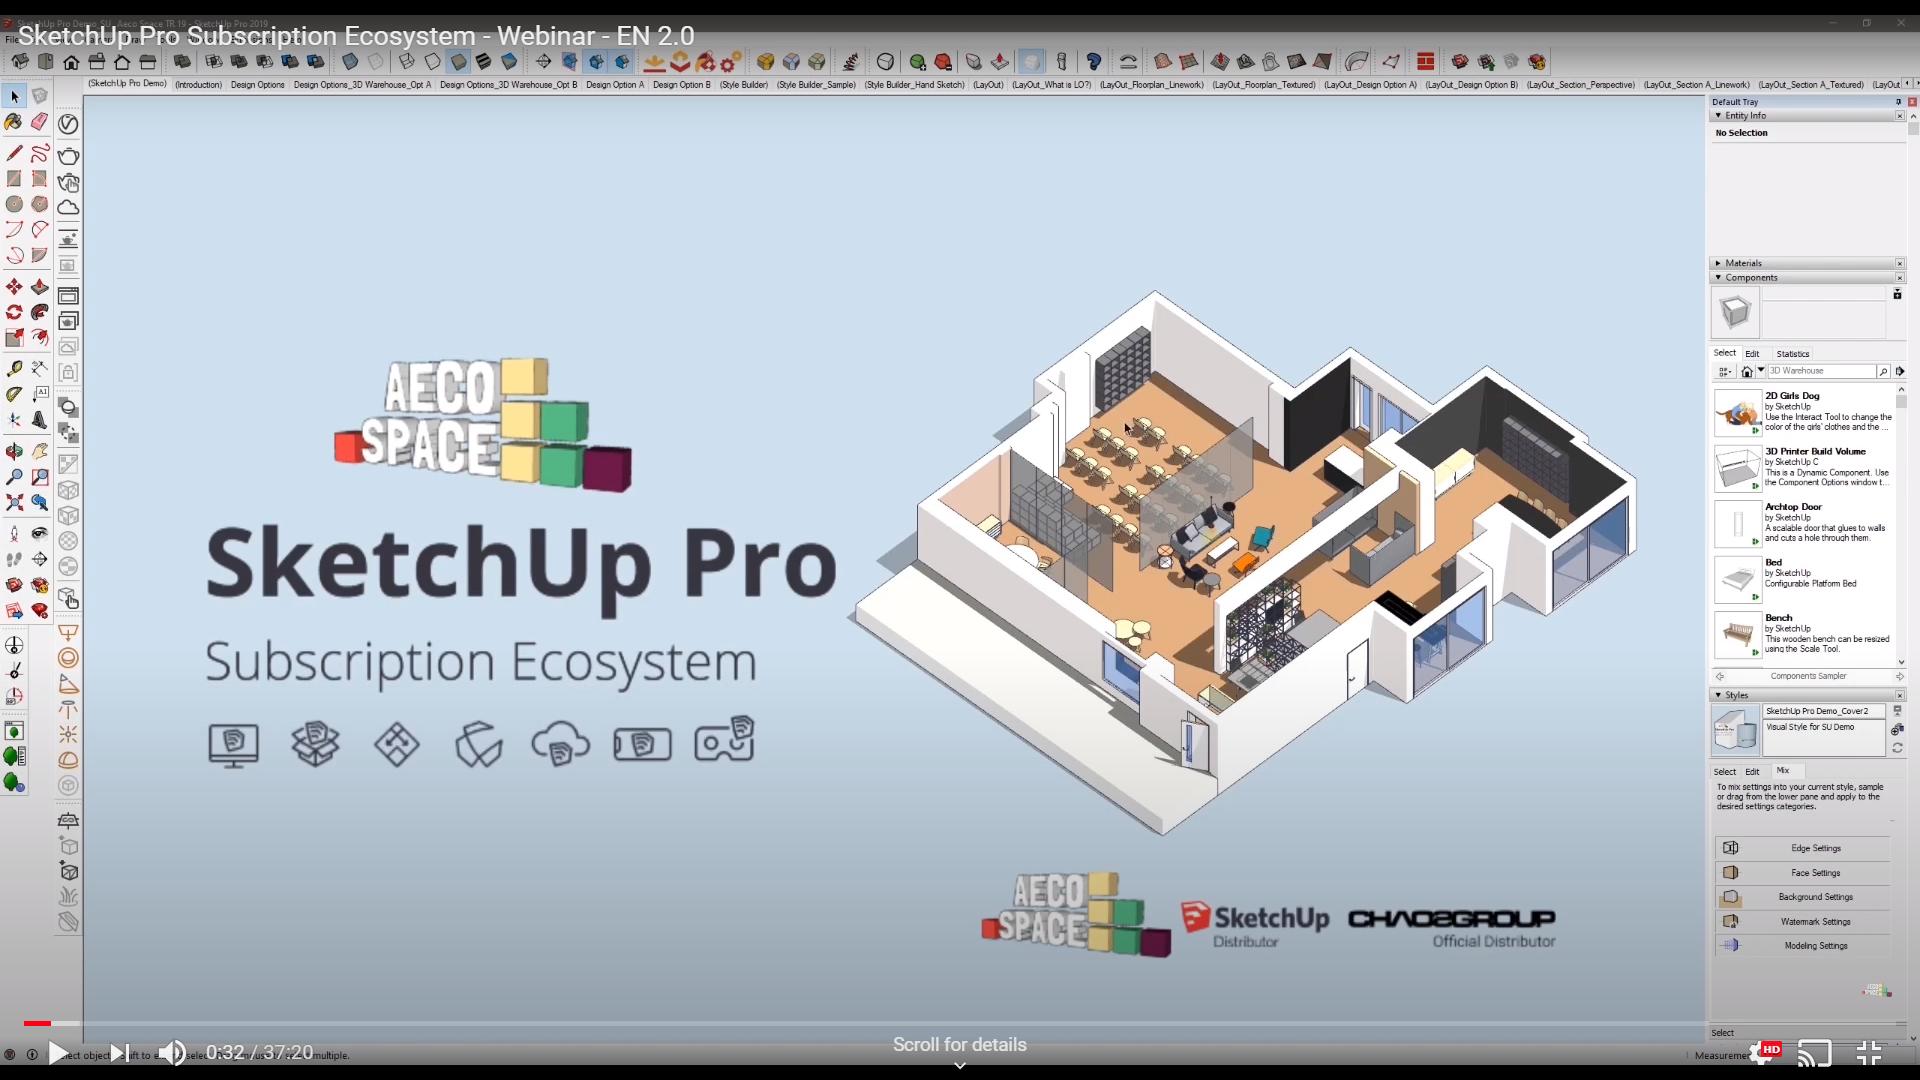 SketchUp Pro Subscription Ecosystem - Webinar by AECO Space - EN